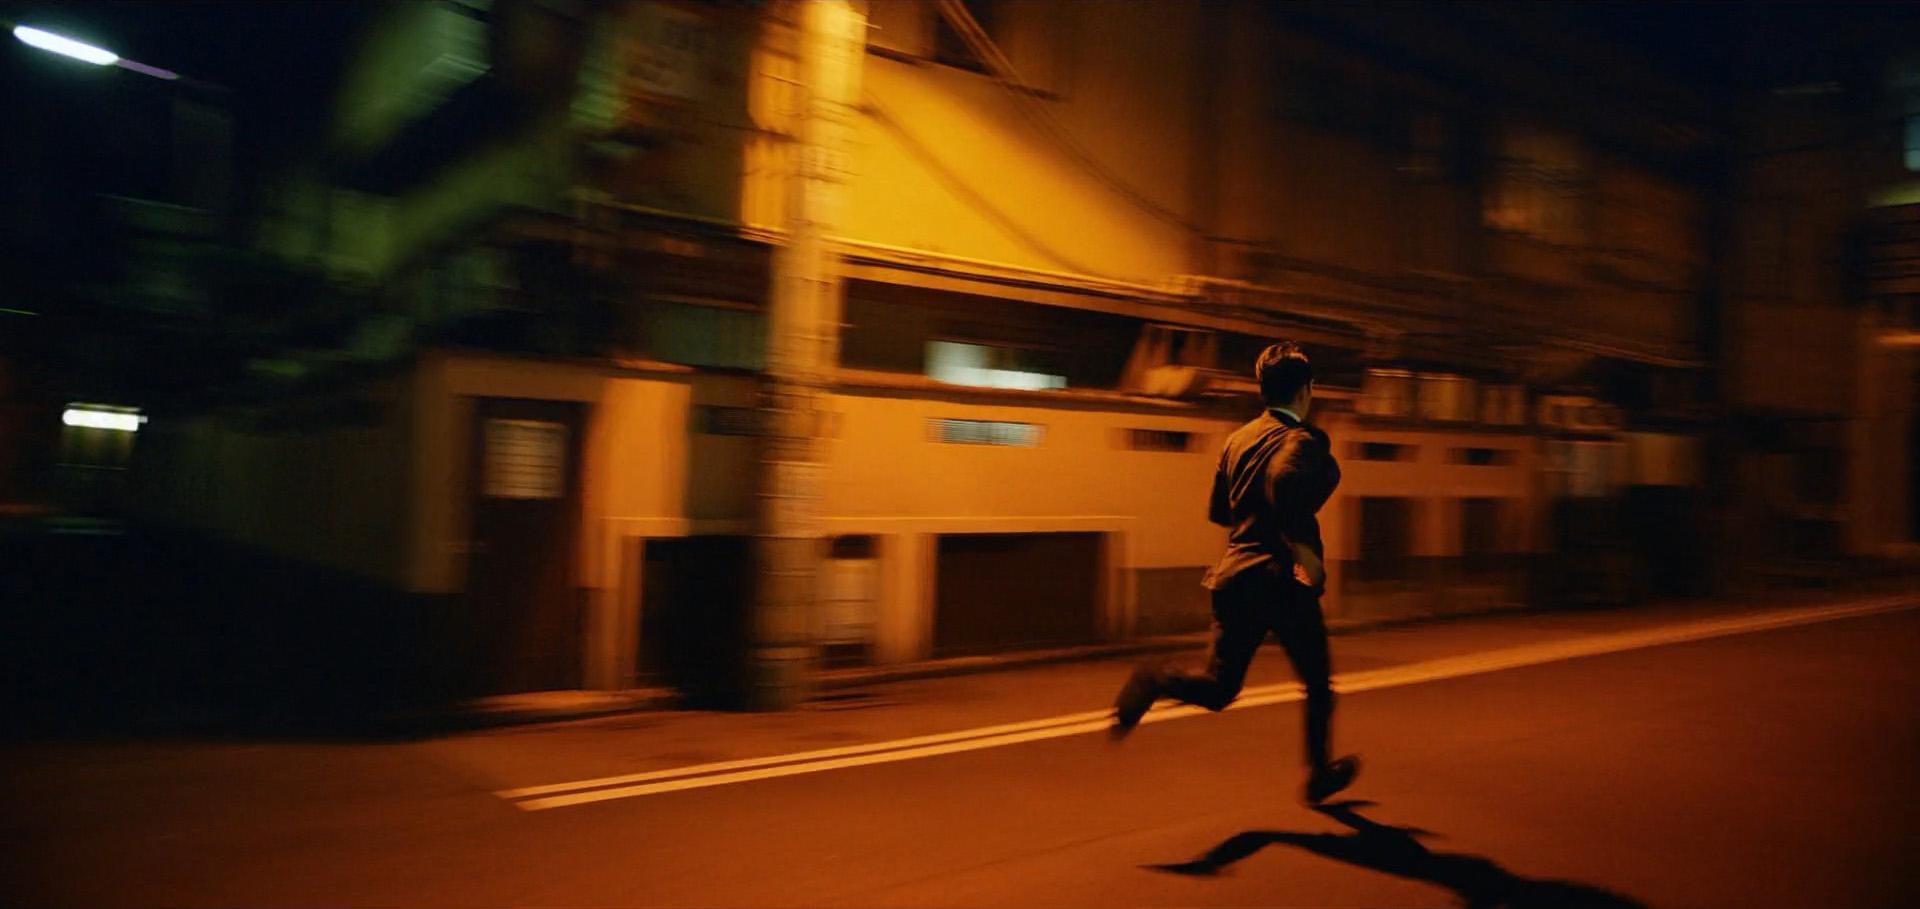 032 - Audi - Runner-0109